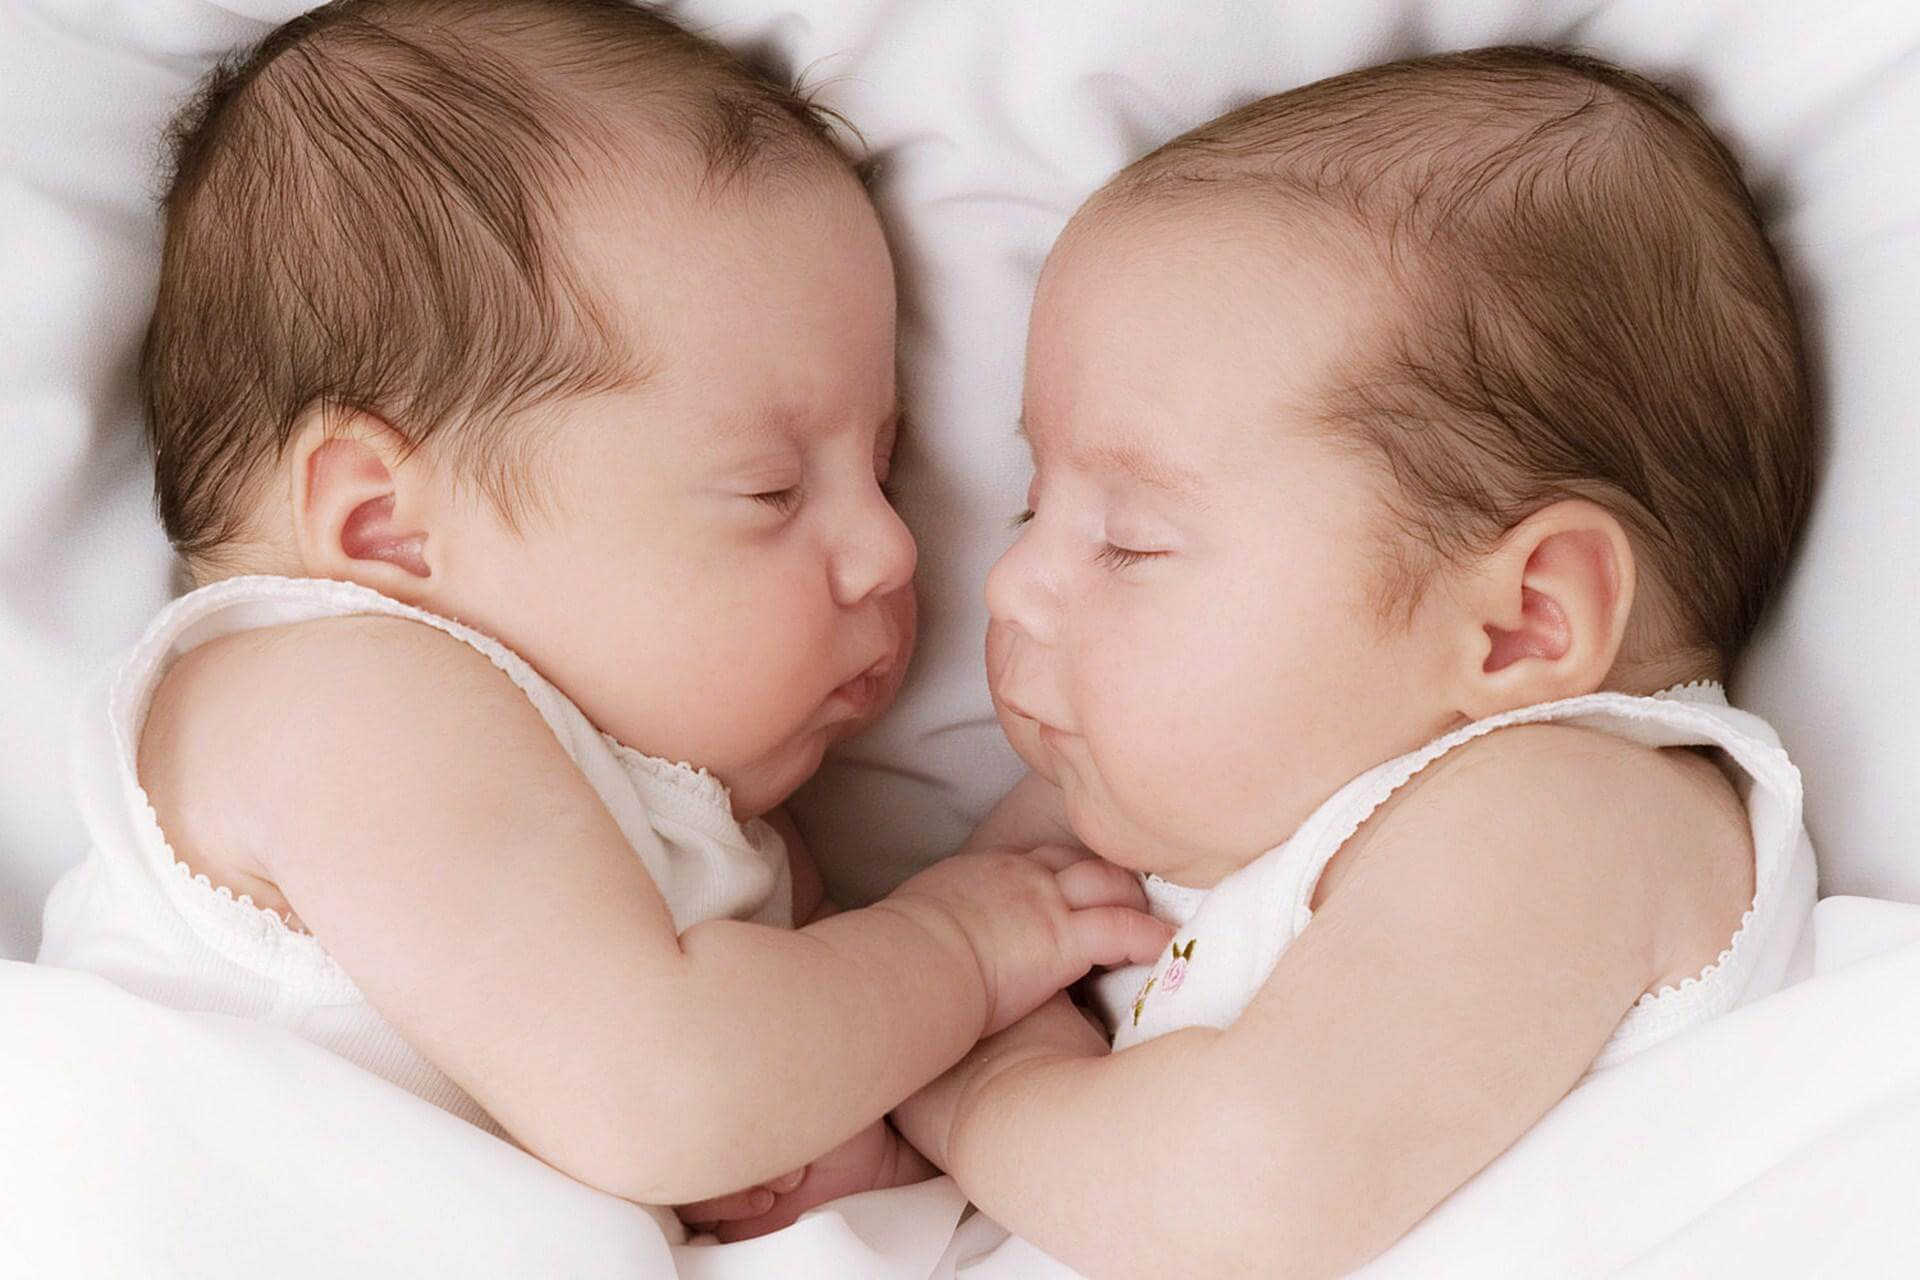 Юбилеем стихами, картинка с двойняшками мальчиками